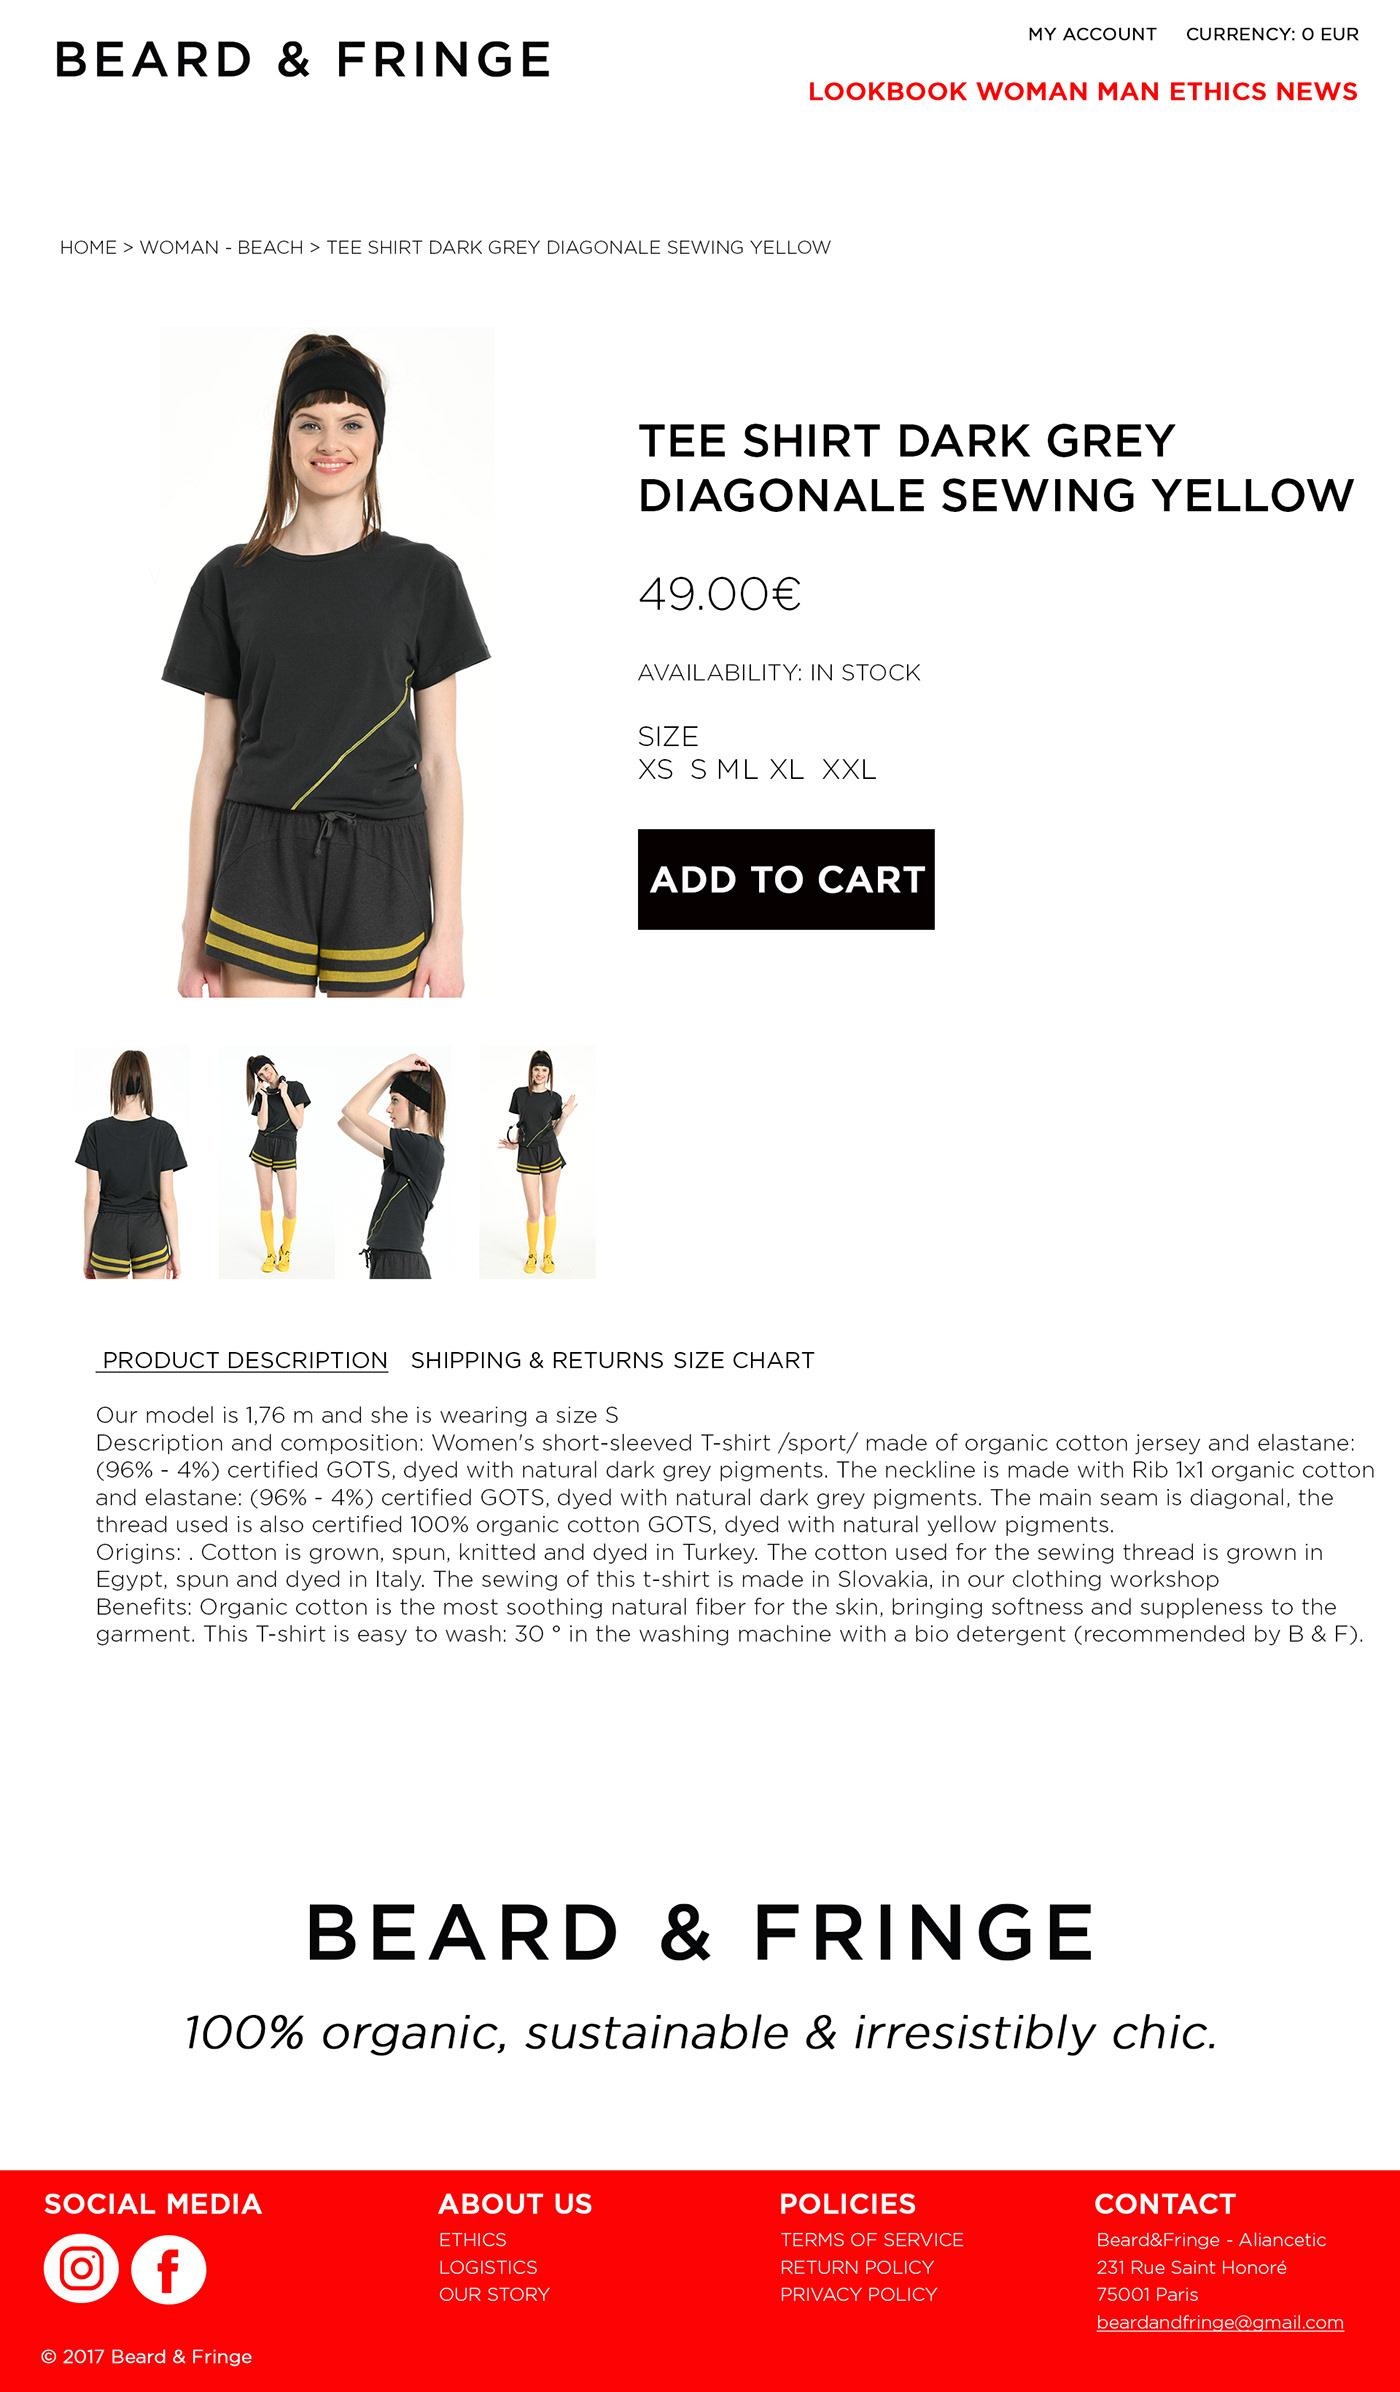 Image may contain: abstract, screenshot and clothing